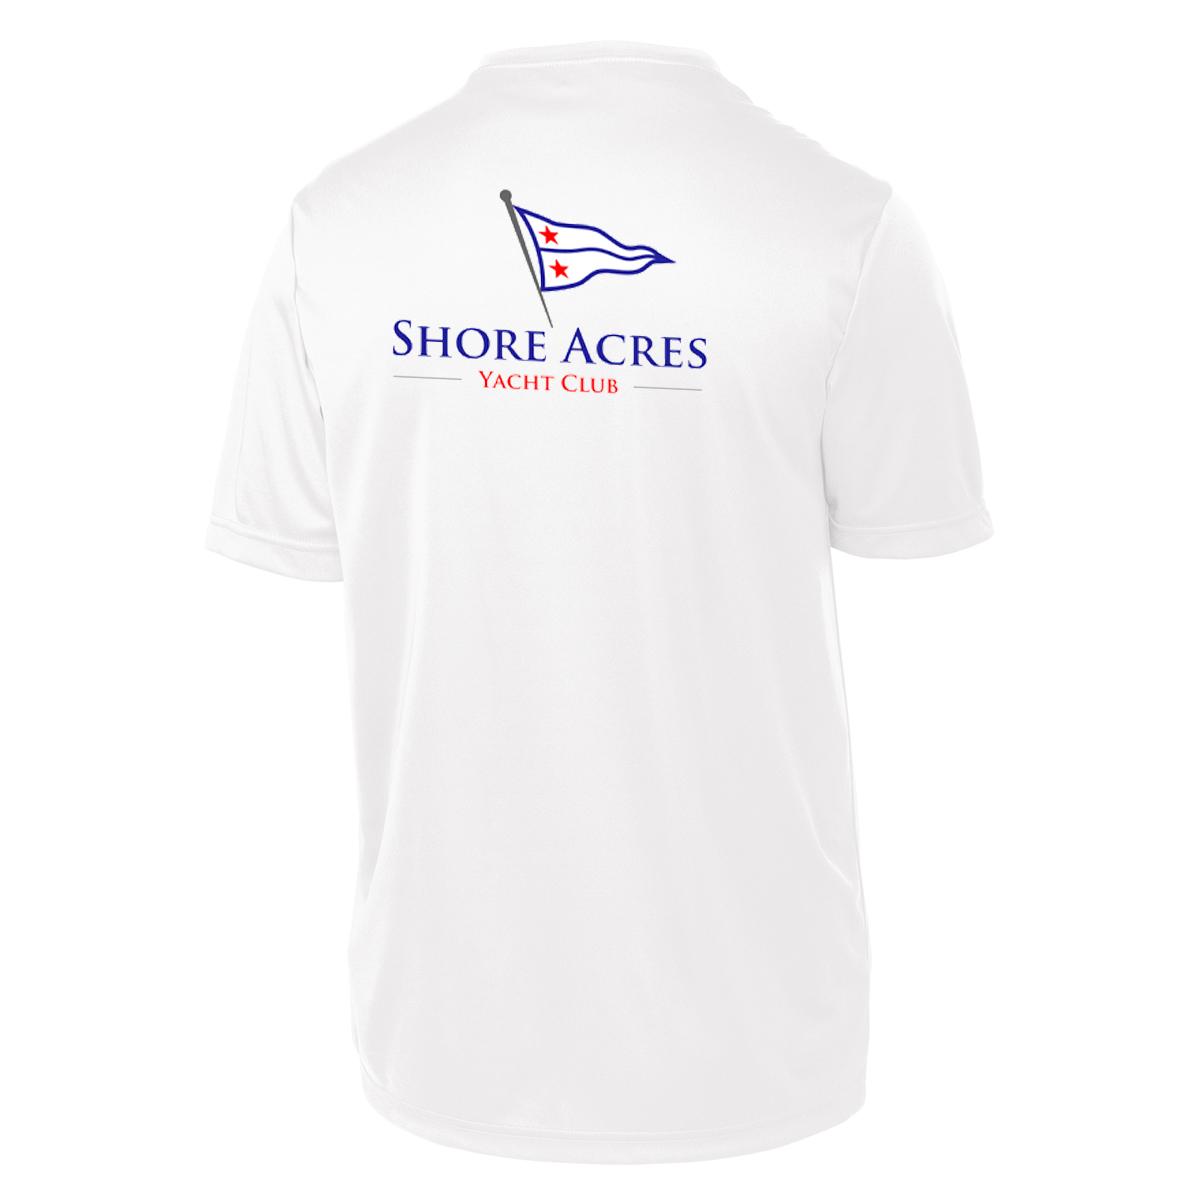 SHORE ACRES YC - Kid's S/S TECH TEE